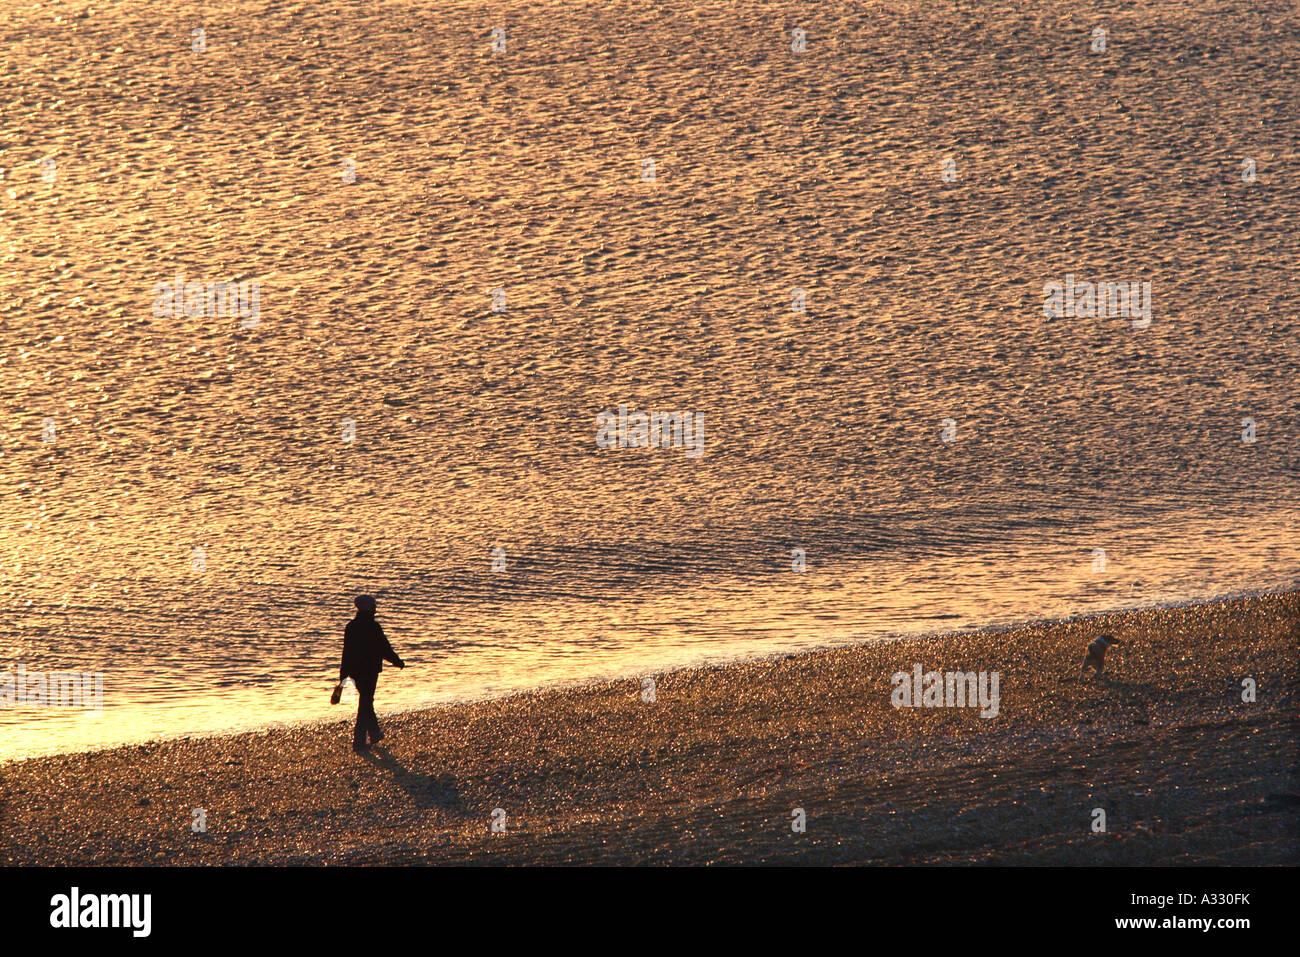 Personne marcher leur chien le long du littoral sur une plage de galets Photo Stock